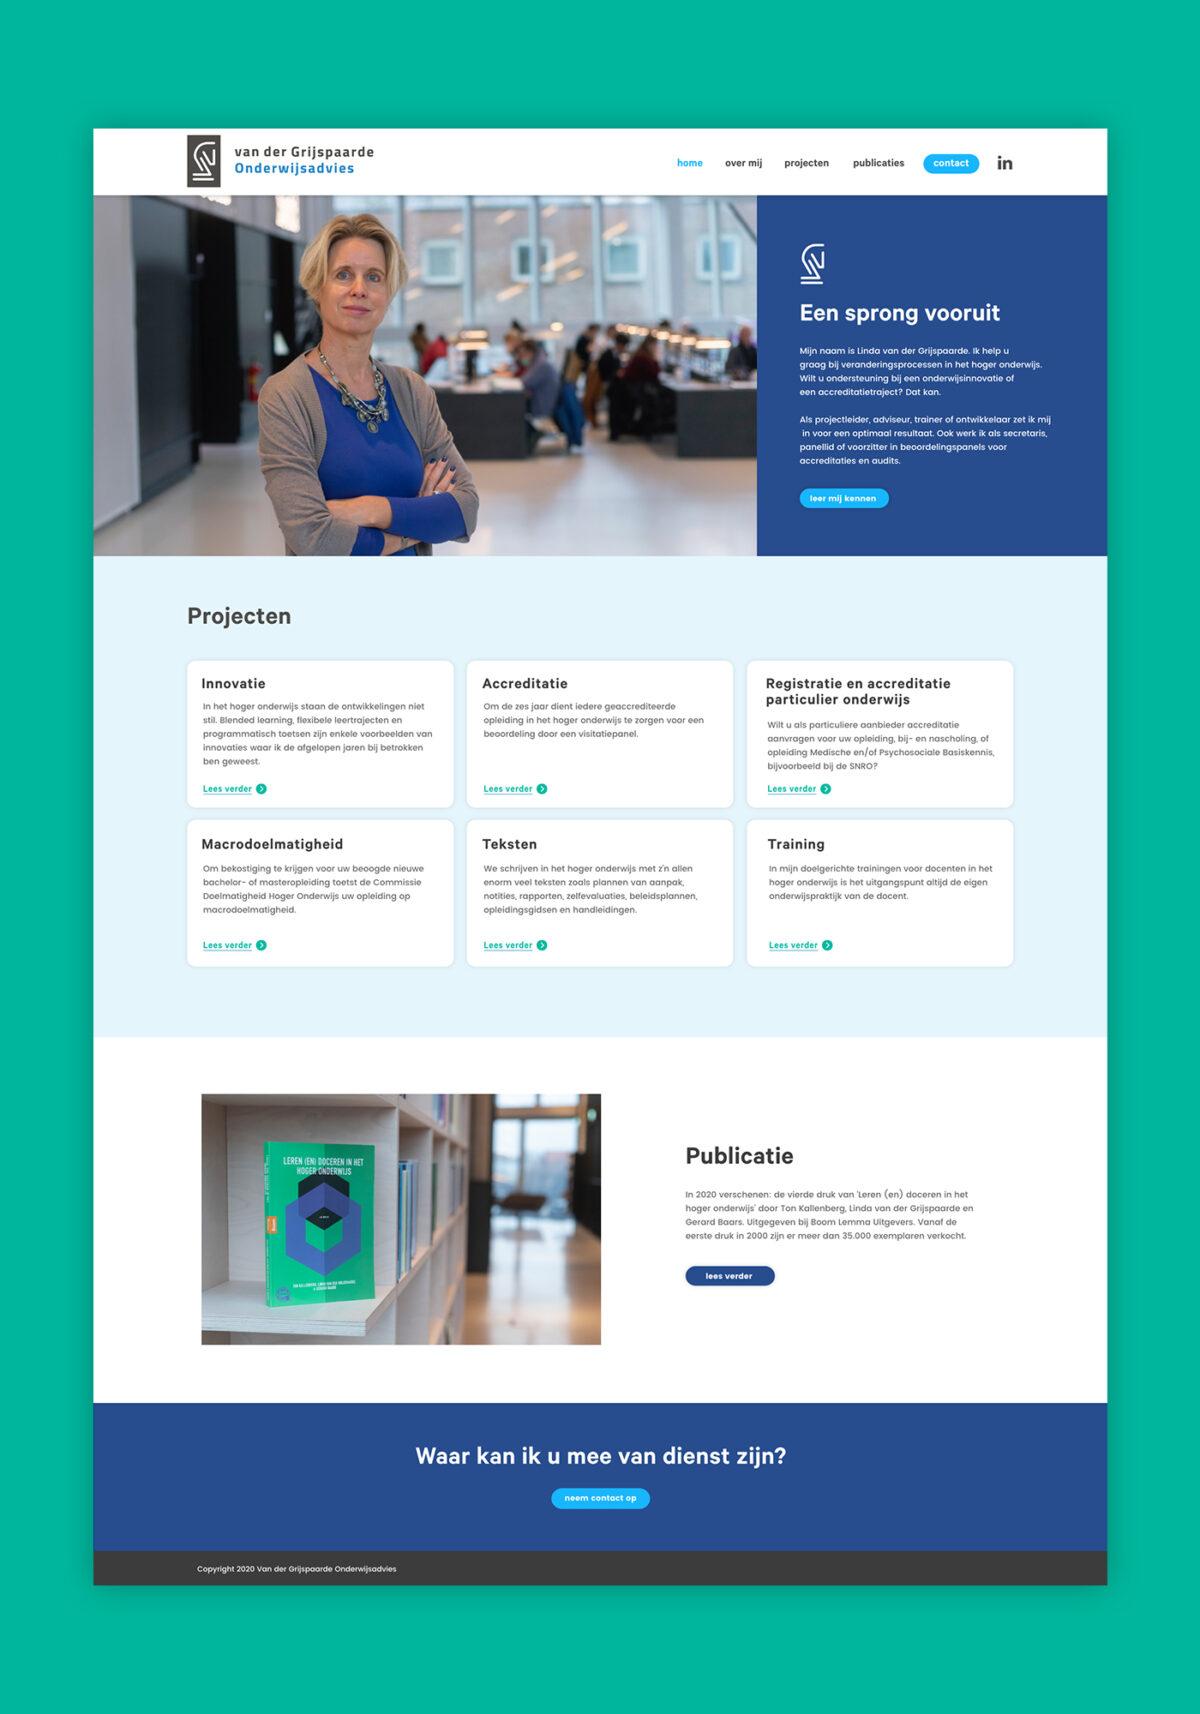 Webdesign Van der Grijspaarde